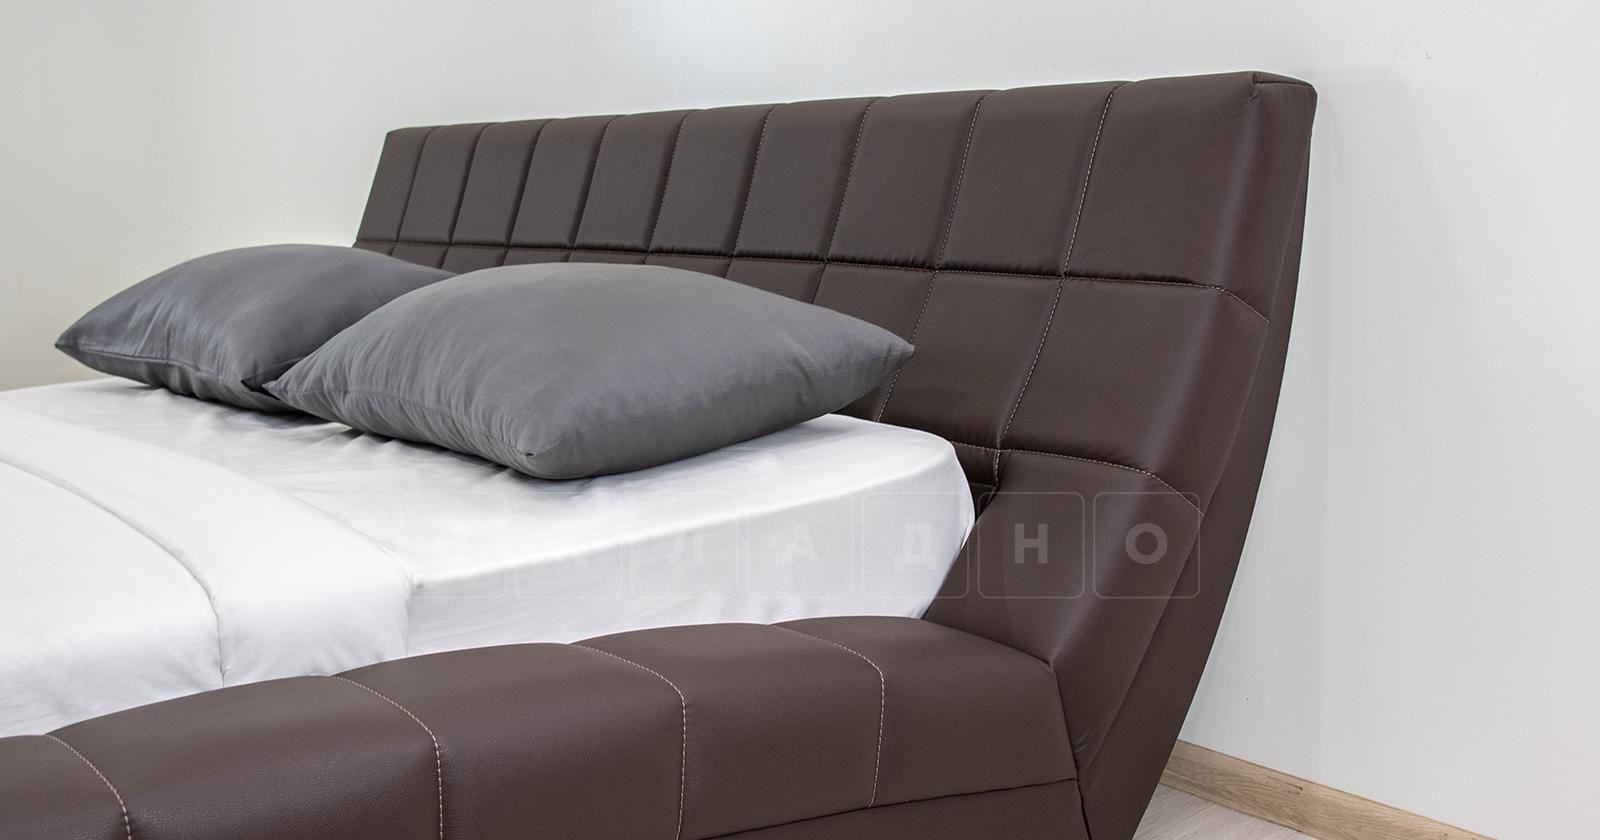 Мягкая кровать Оливия 160 см экокожа шоколад фото 7 | интернет-магазин Складно